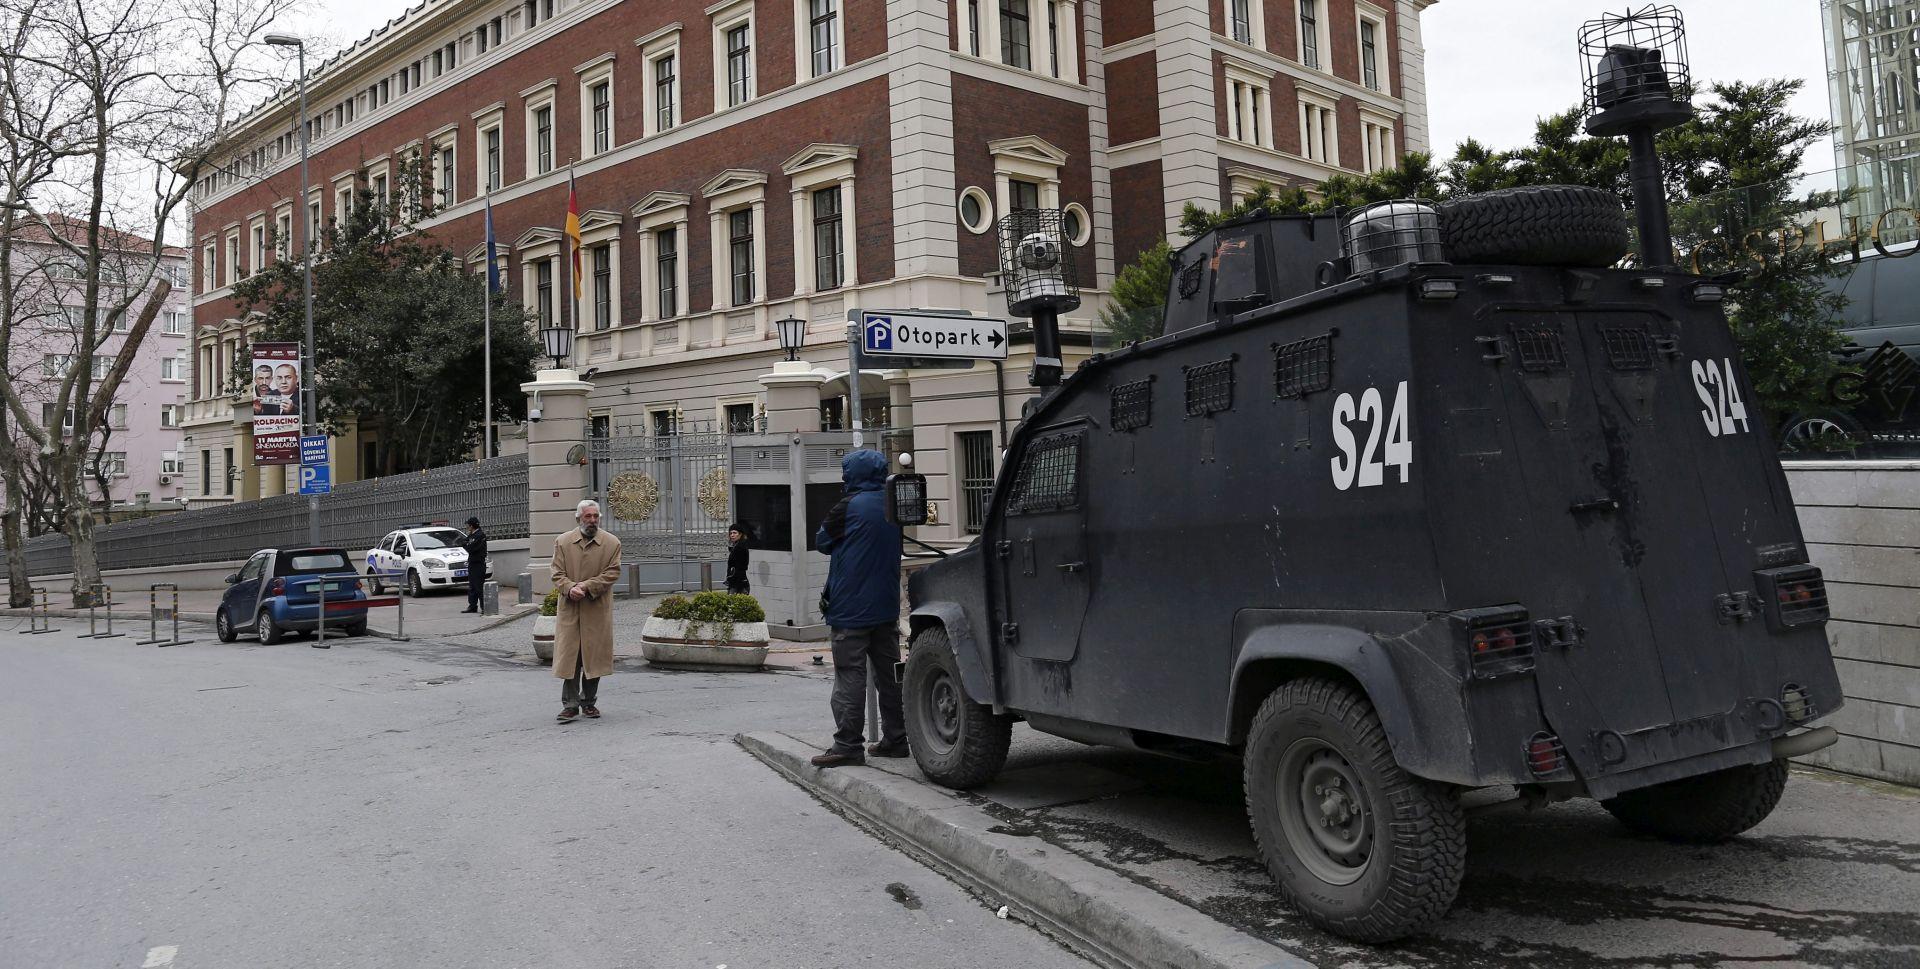 NAKON UPOZORENJA SAD-a: Turska policija detonirala torbu na Taksimu